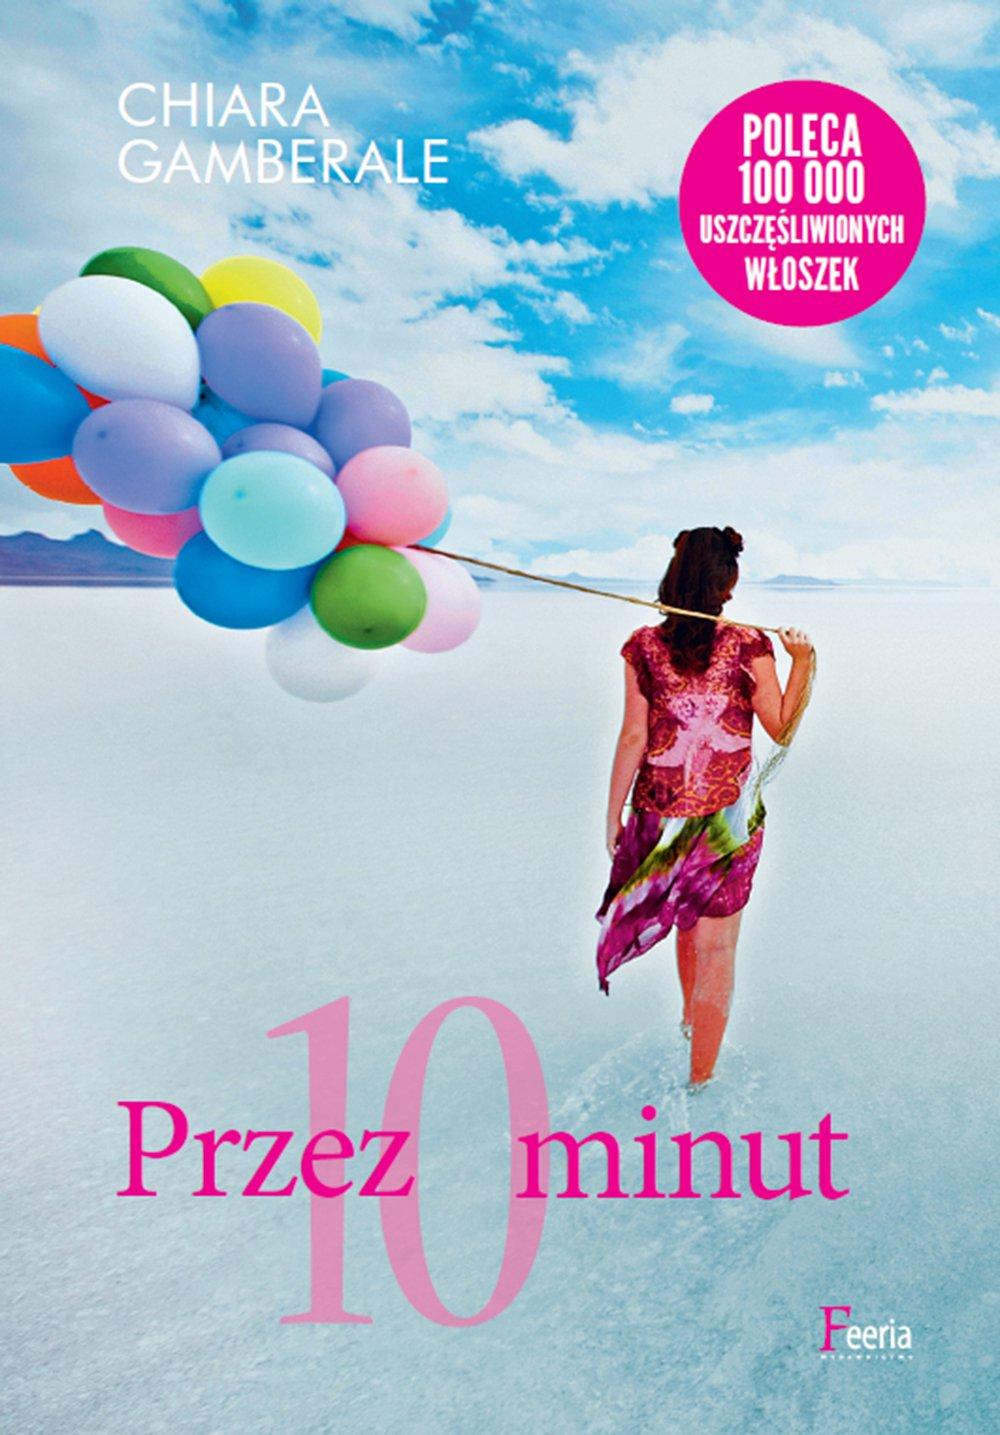 Przez 10 minut - Ebook (Książka EPUB) do pobrania w formacie EPUB